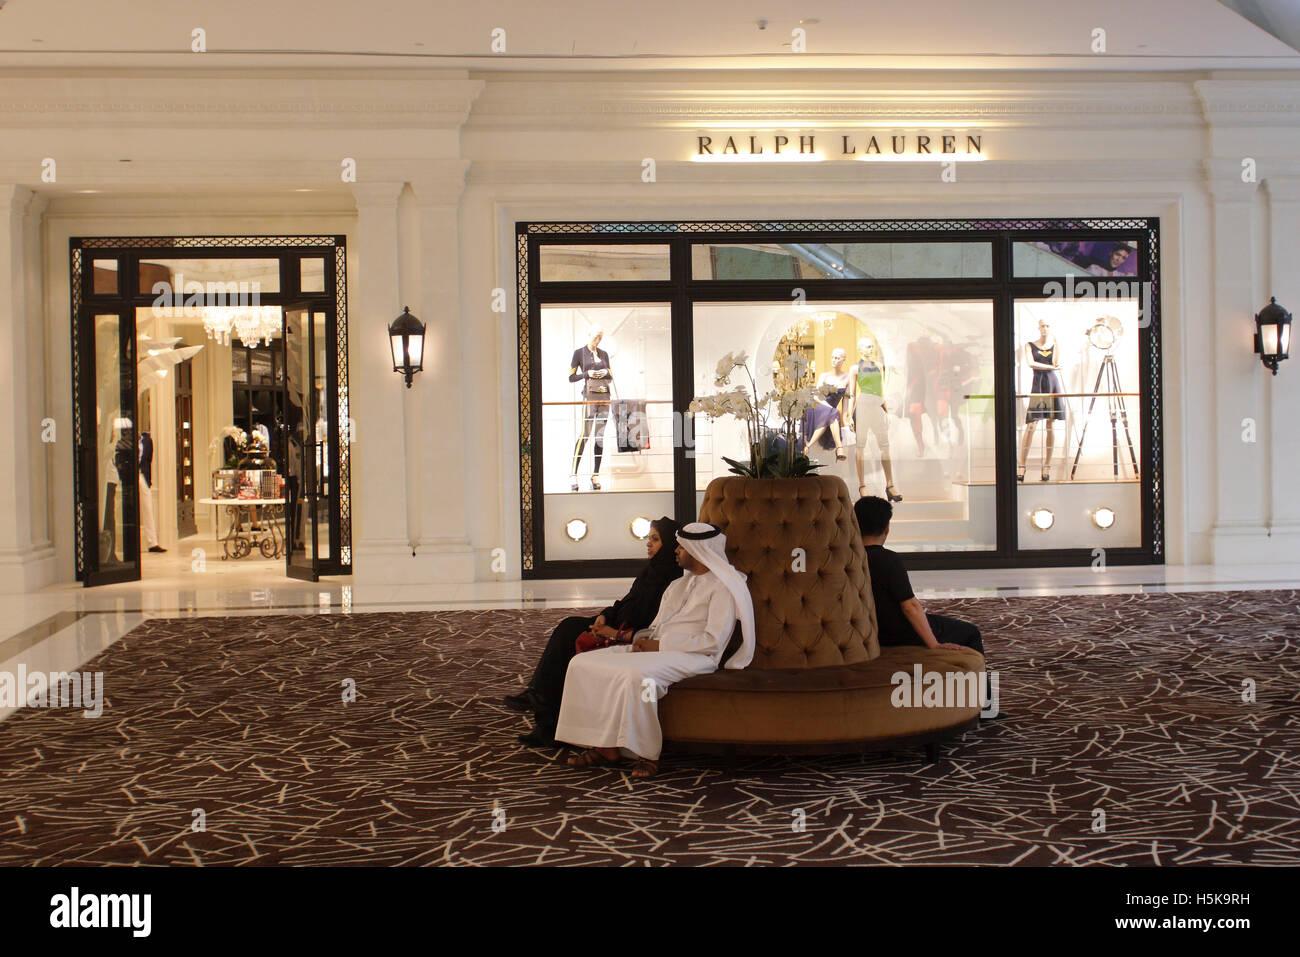 Ralph Lauren Store in der Fashion Avenue, mit 70 internationalen Geschäften  gewidmet Haute Couture, Dubai Mall, Dubai 085d7ad883